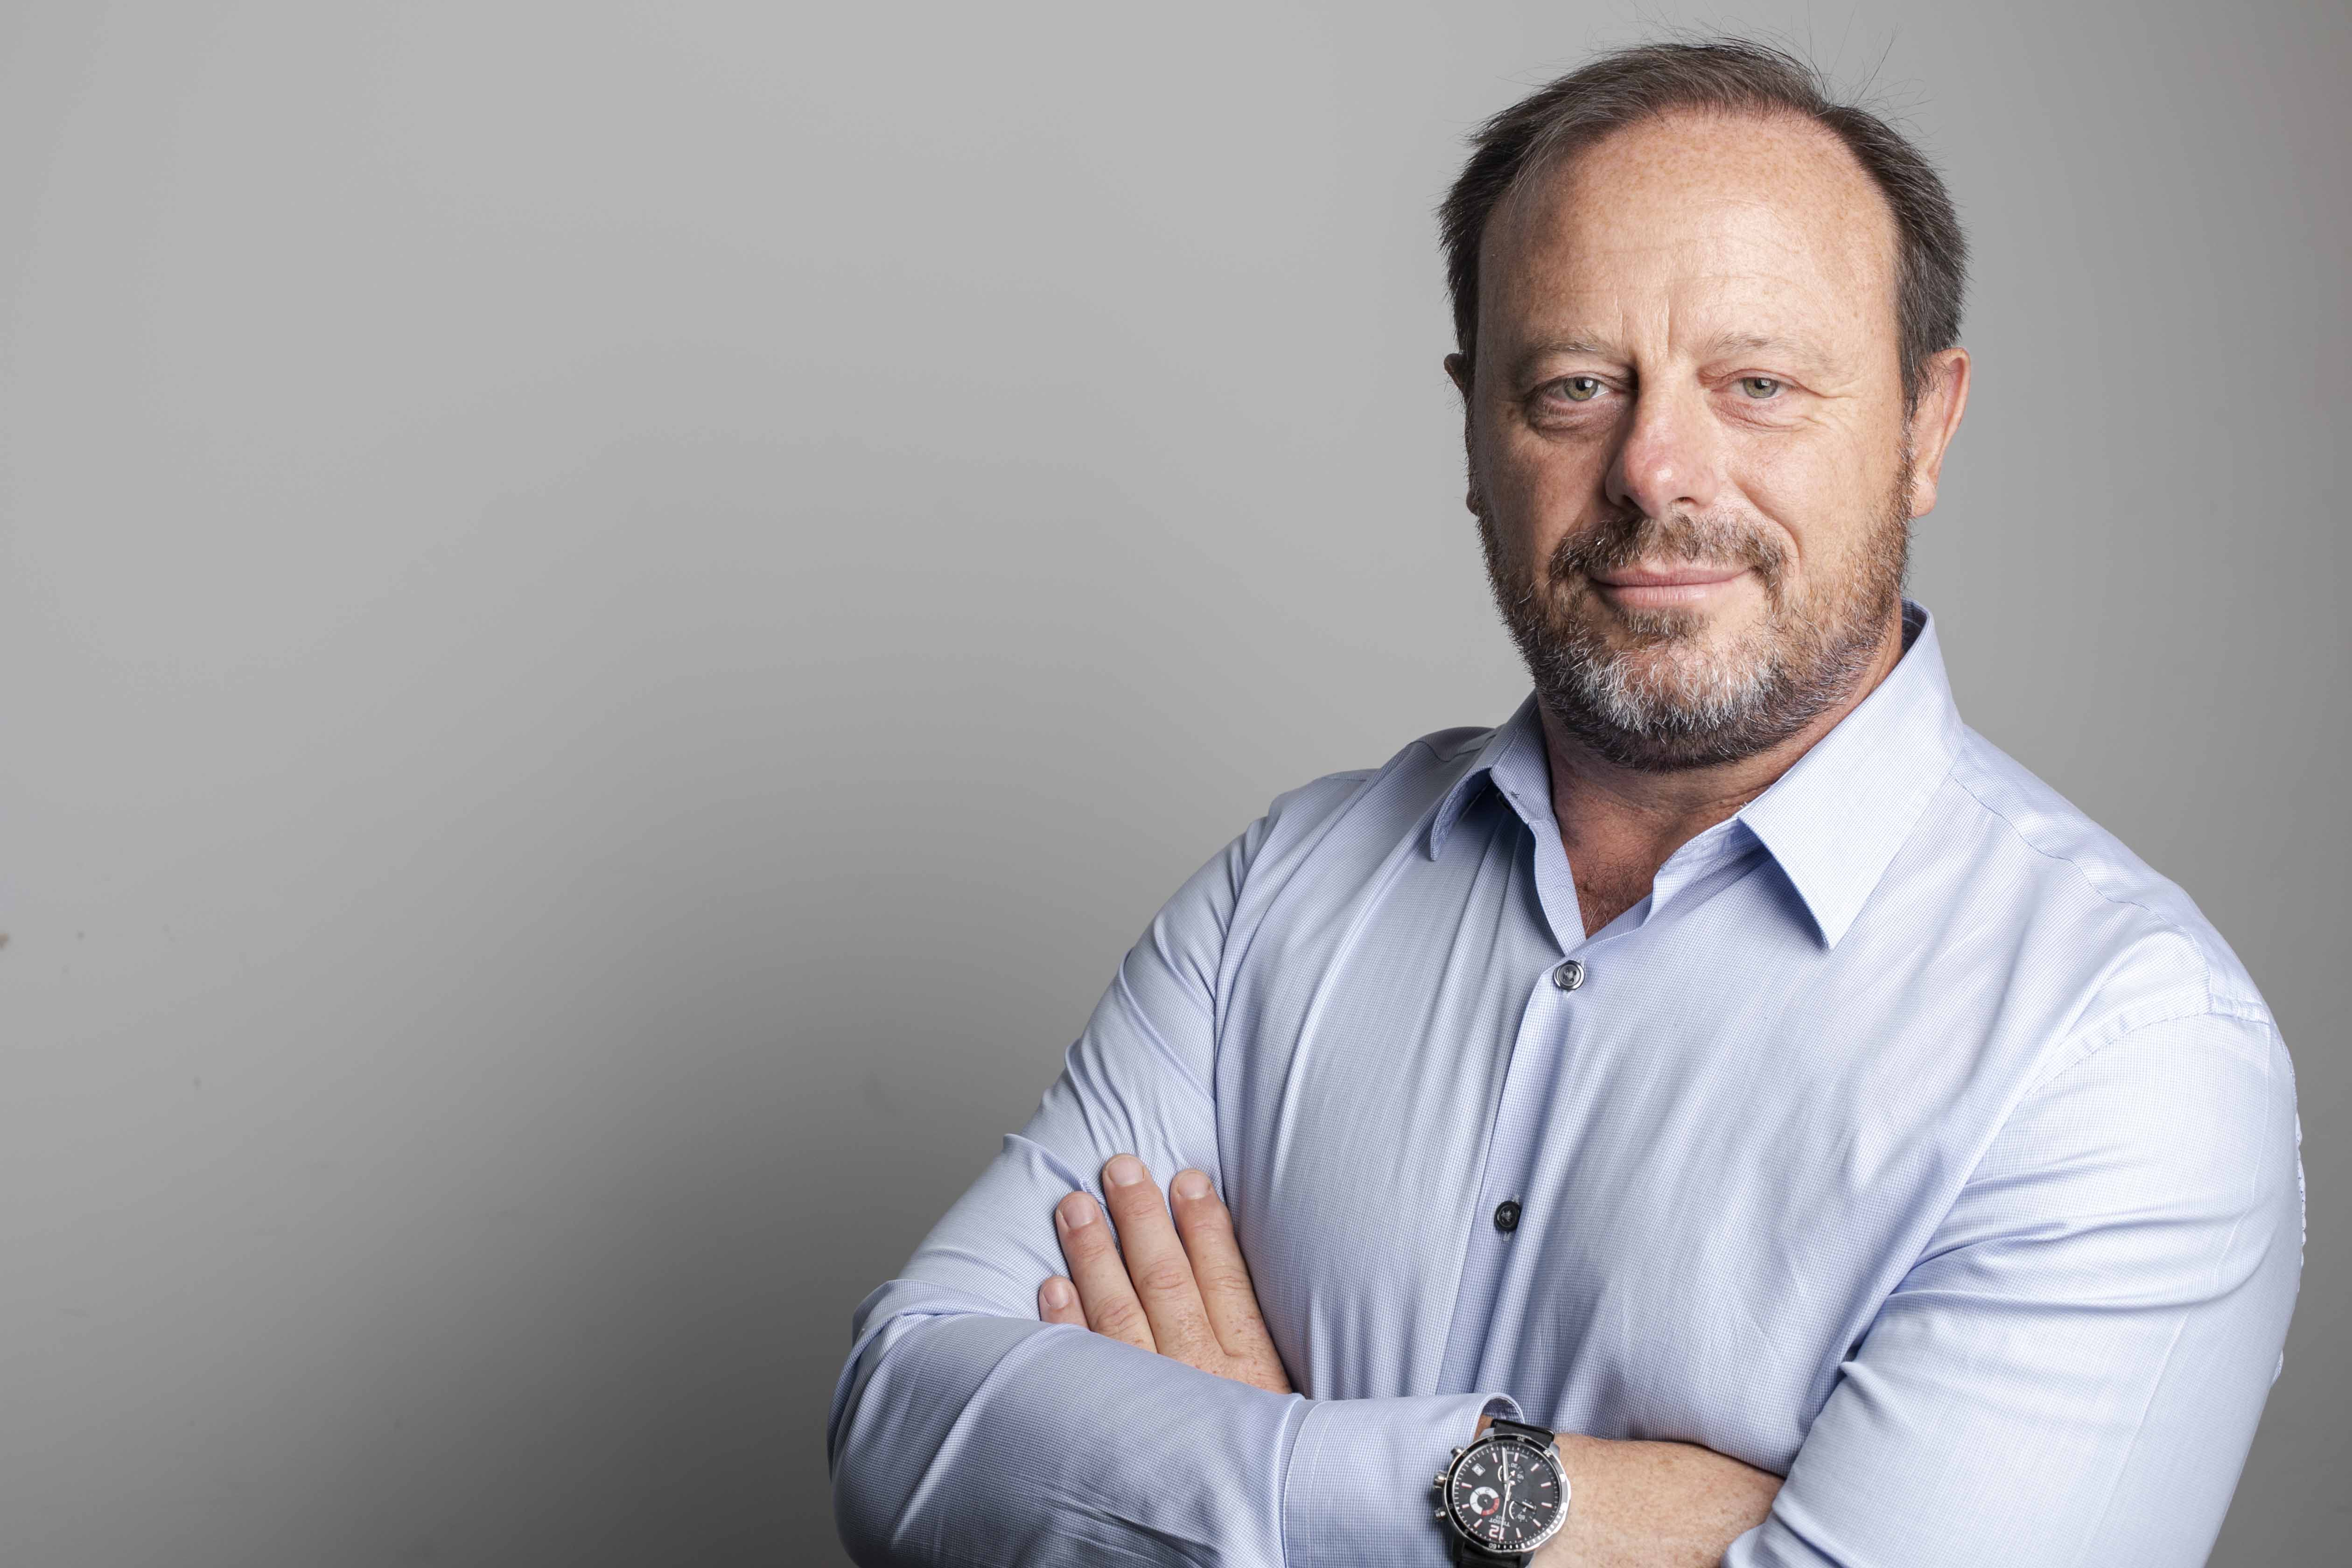 Para José Luis Alonso, CEO de Mirgor, Tierra del Fuego le cuesta u$s300 millones a la Argentina